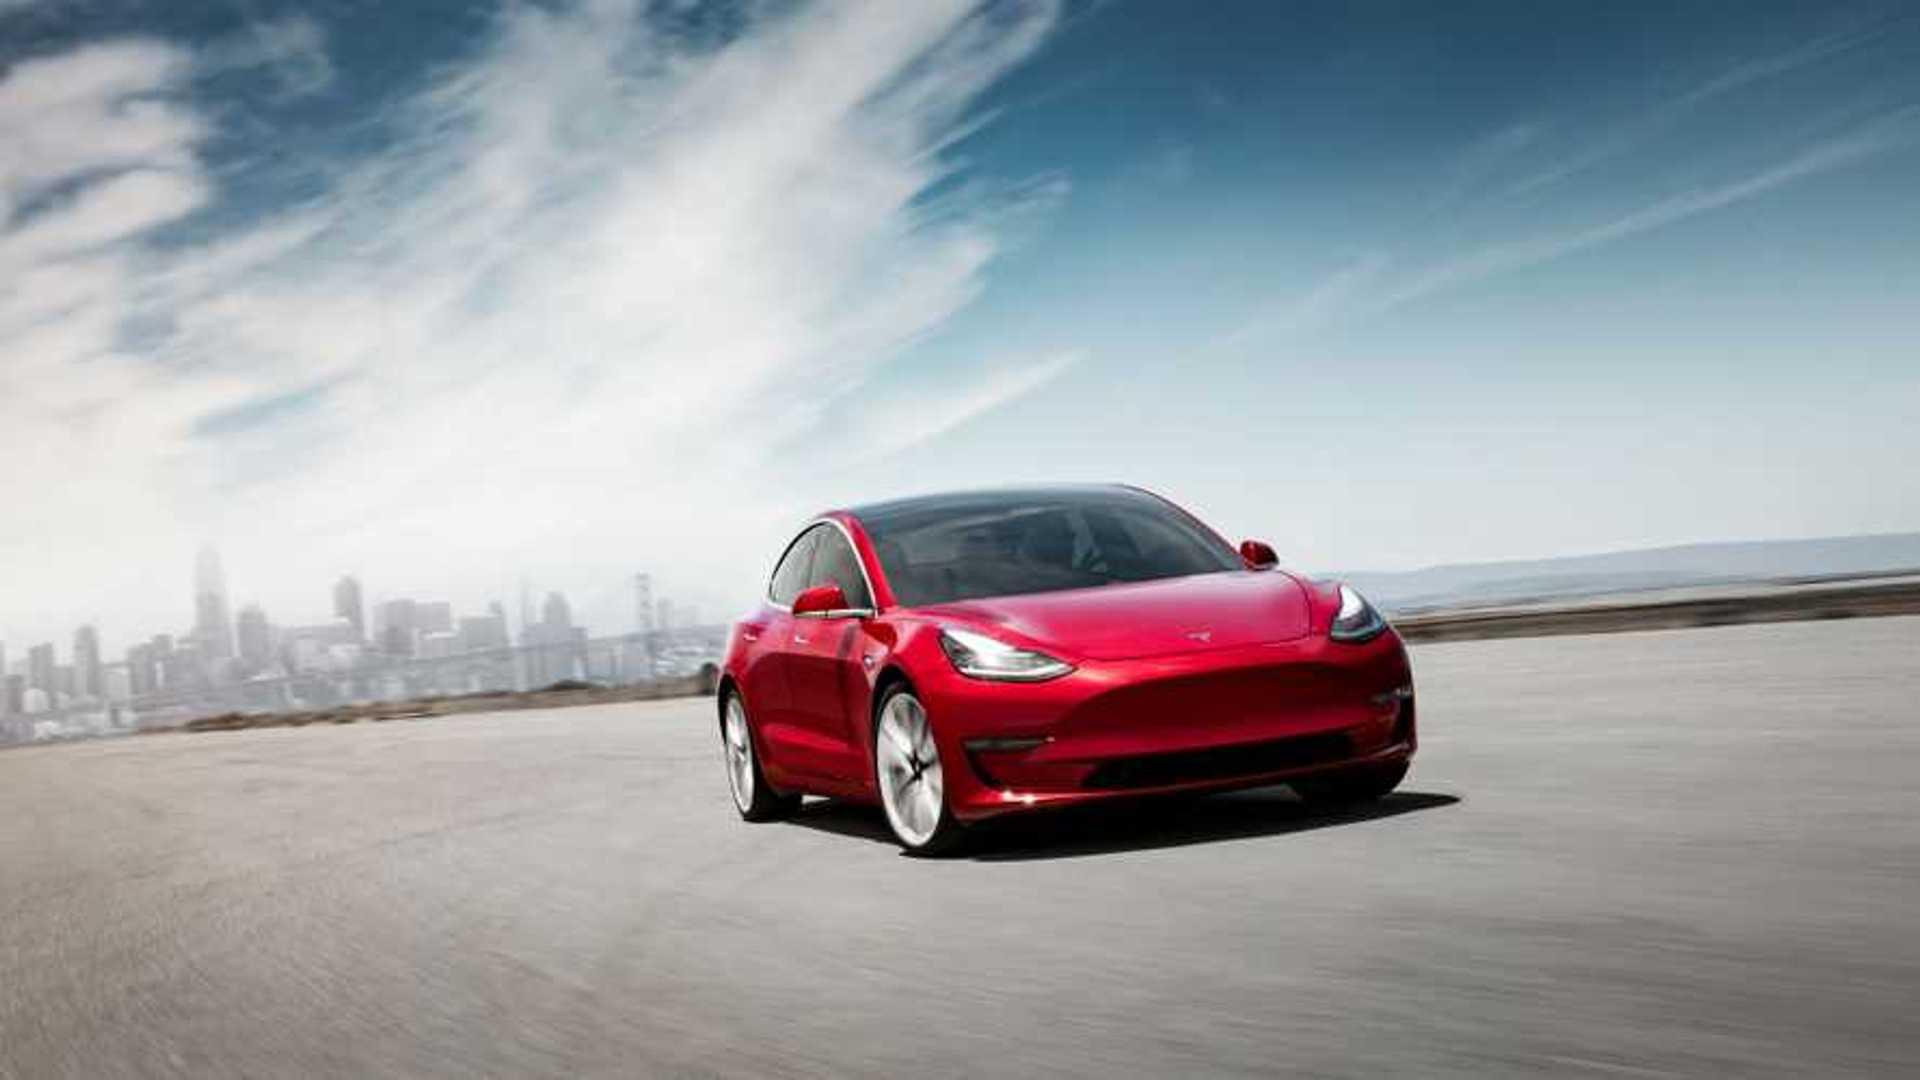 Update From Tesla: No Tesla Model 3 Performance For Under $50K